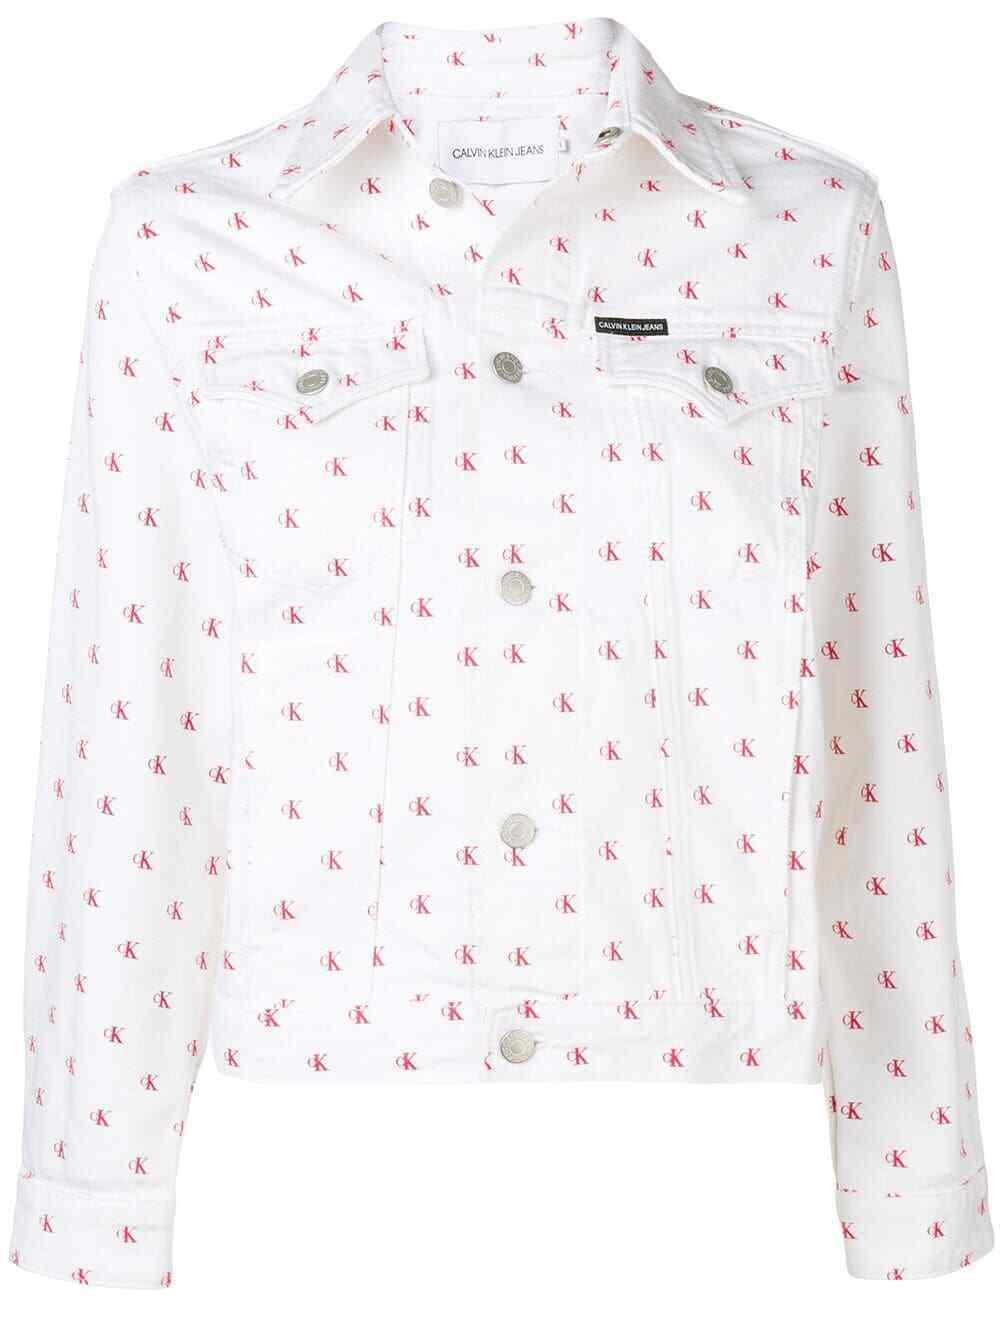 Calvin Klein Jeans Cotton Monogram Trucker Jacket, White\Red Monom, Size L, $168 - $79.19